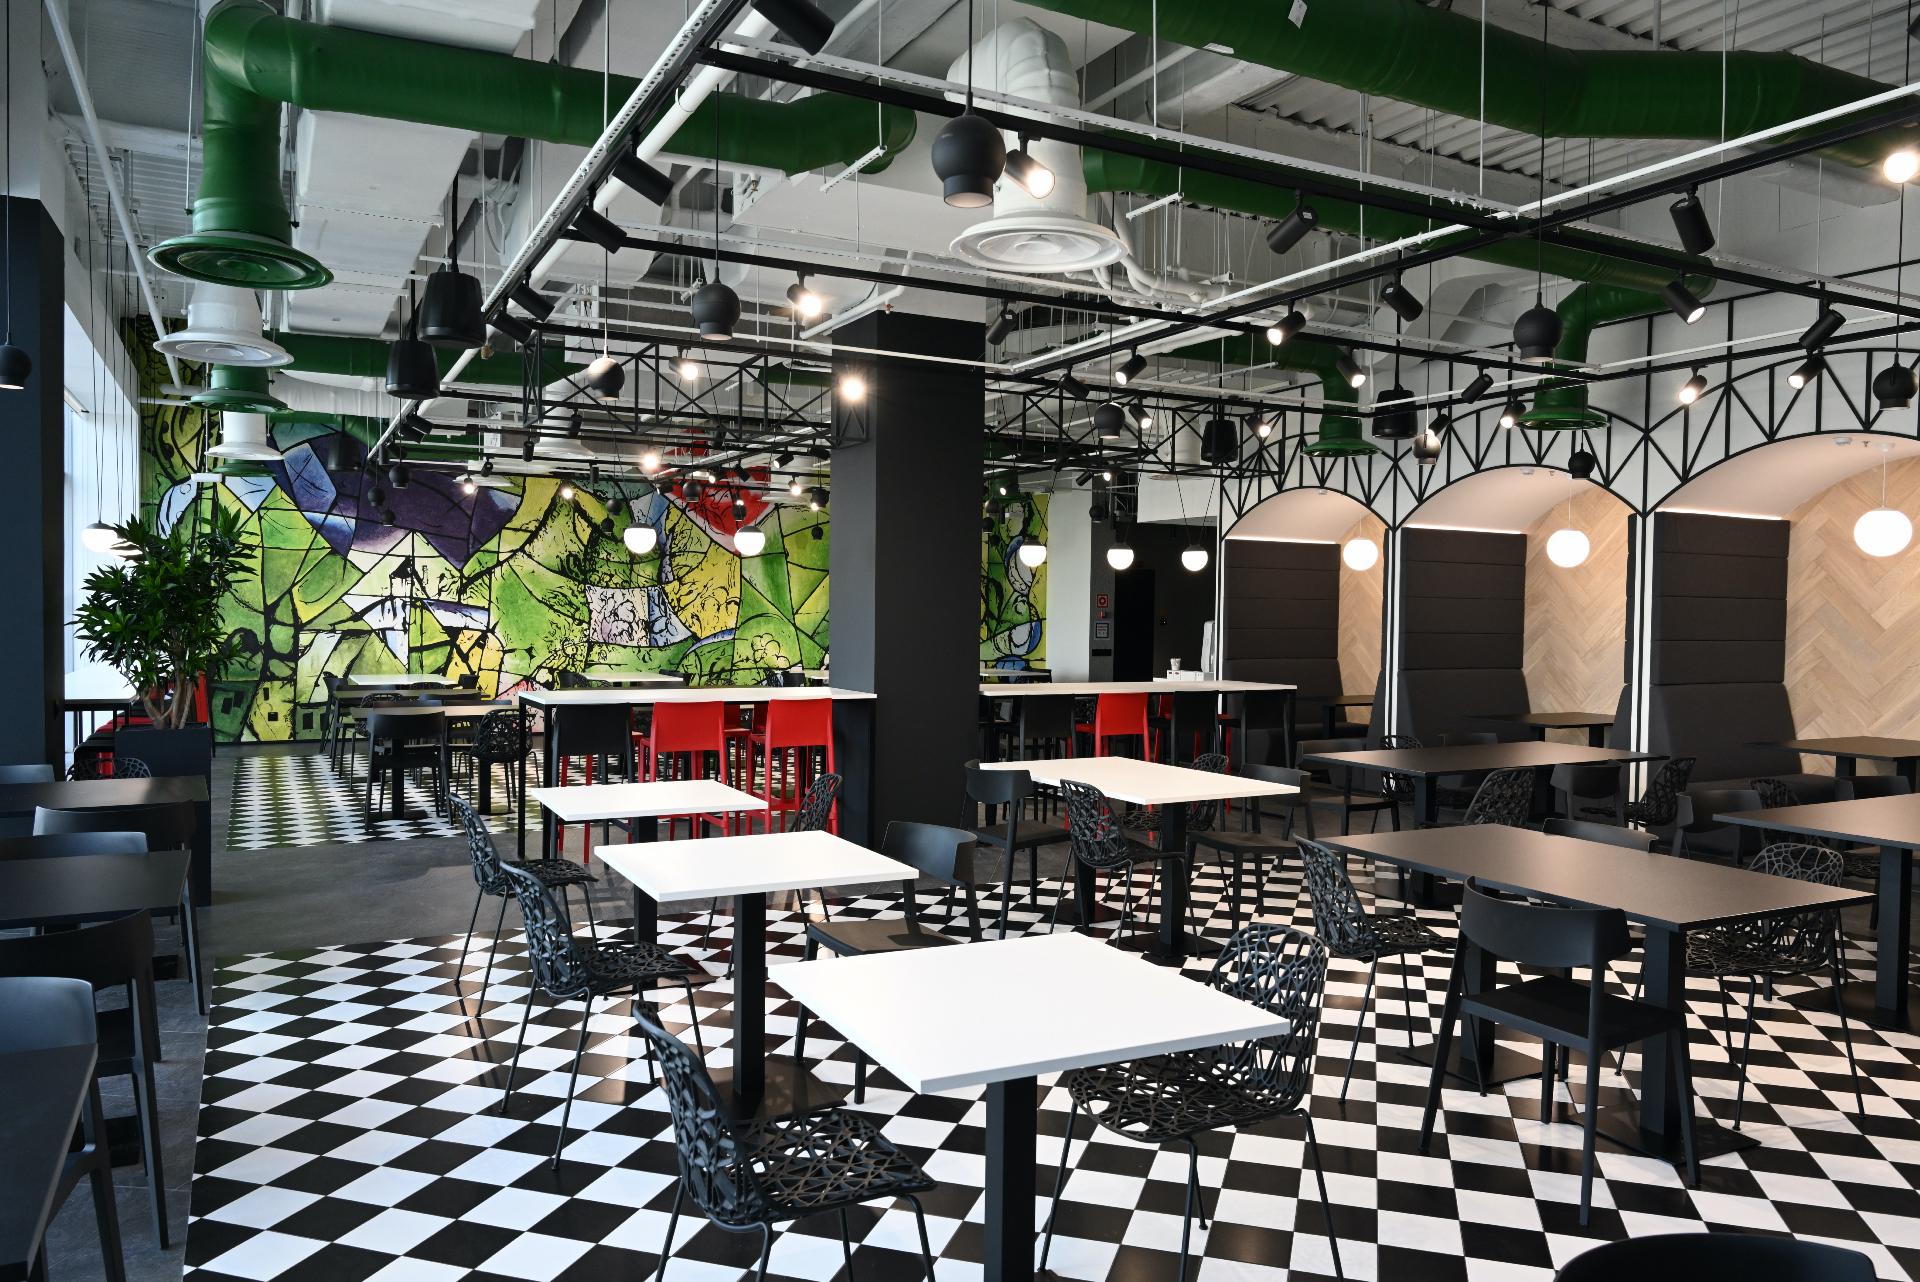 На 12 этаже есть «Ле ресторан» в духе Марка Шагала.